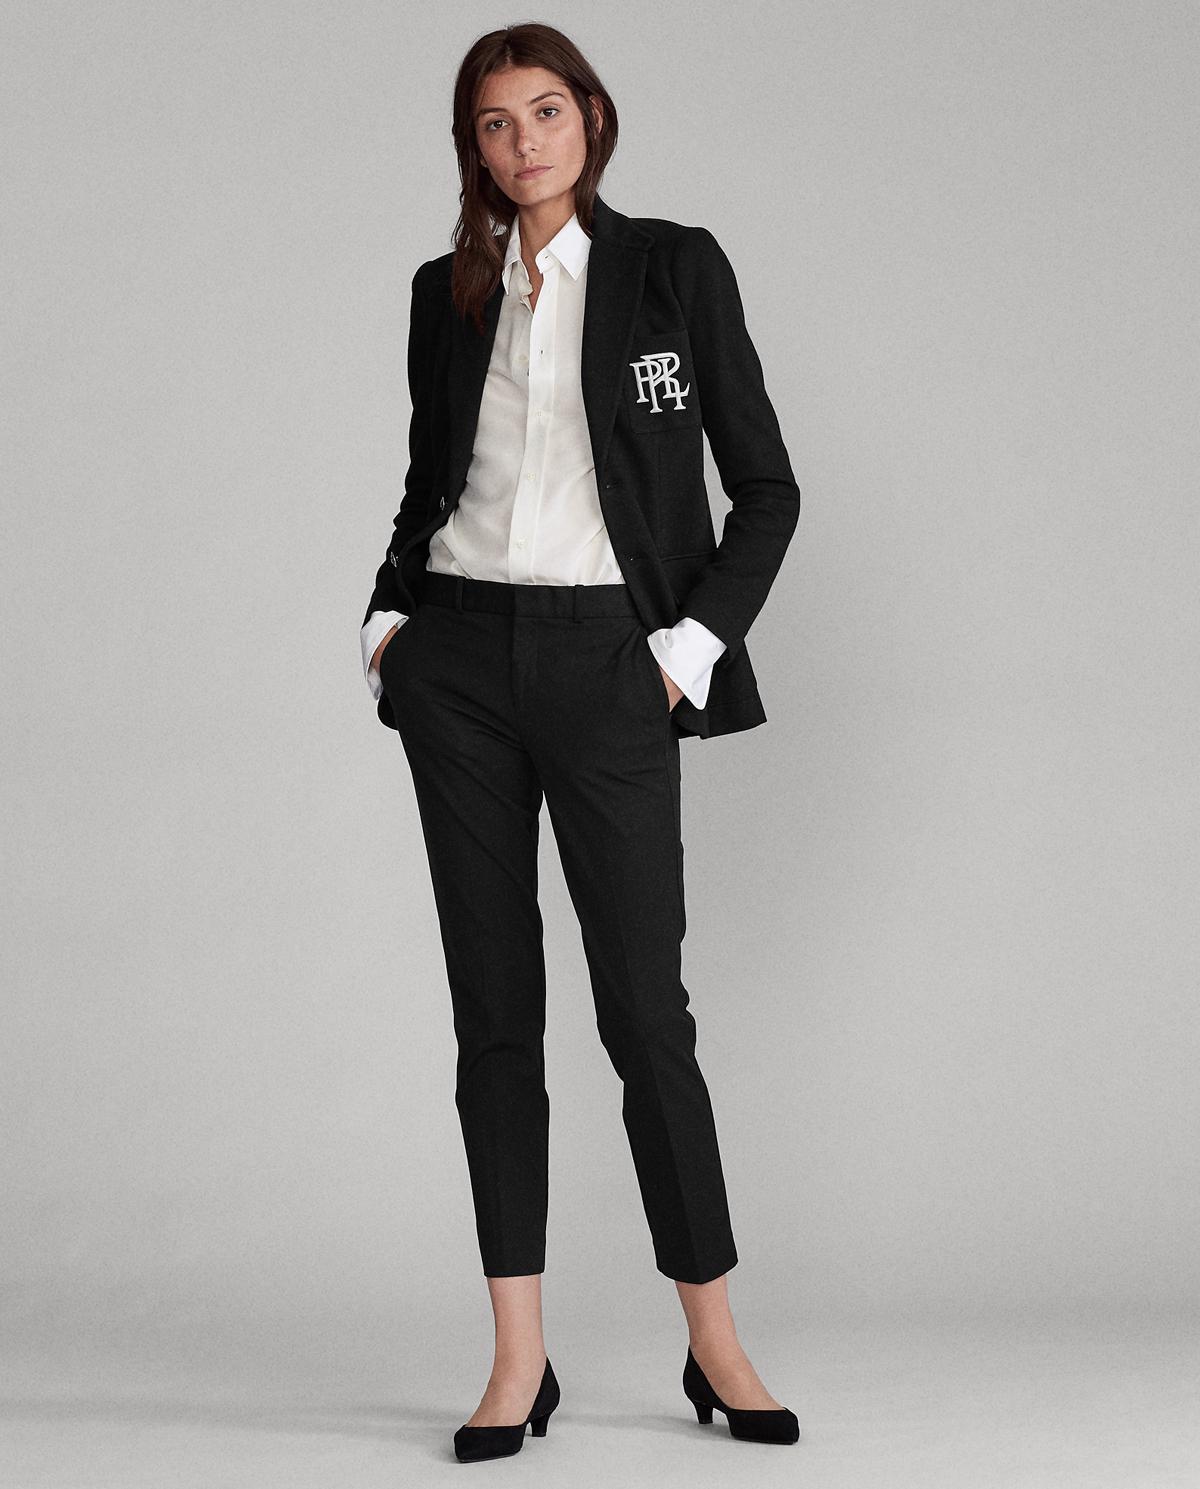 Damskie czarne spodnie Slim fit Polo Ralph Lauren 211752934001